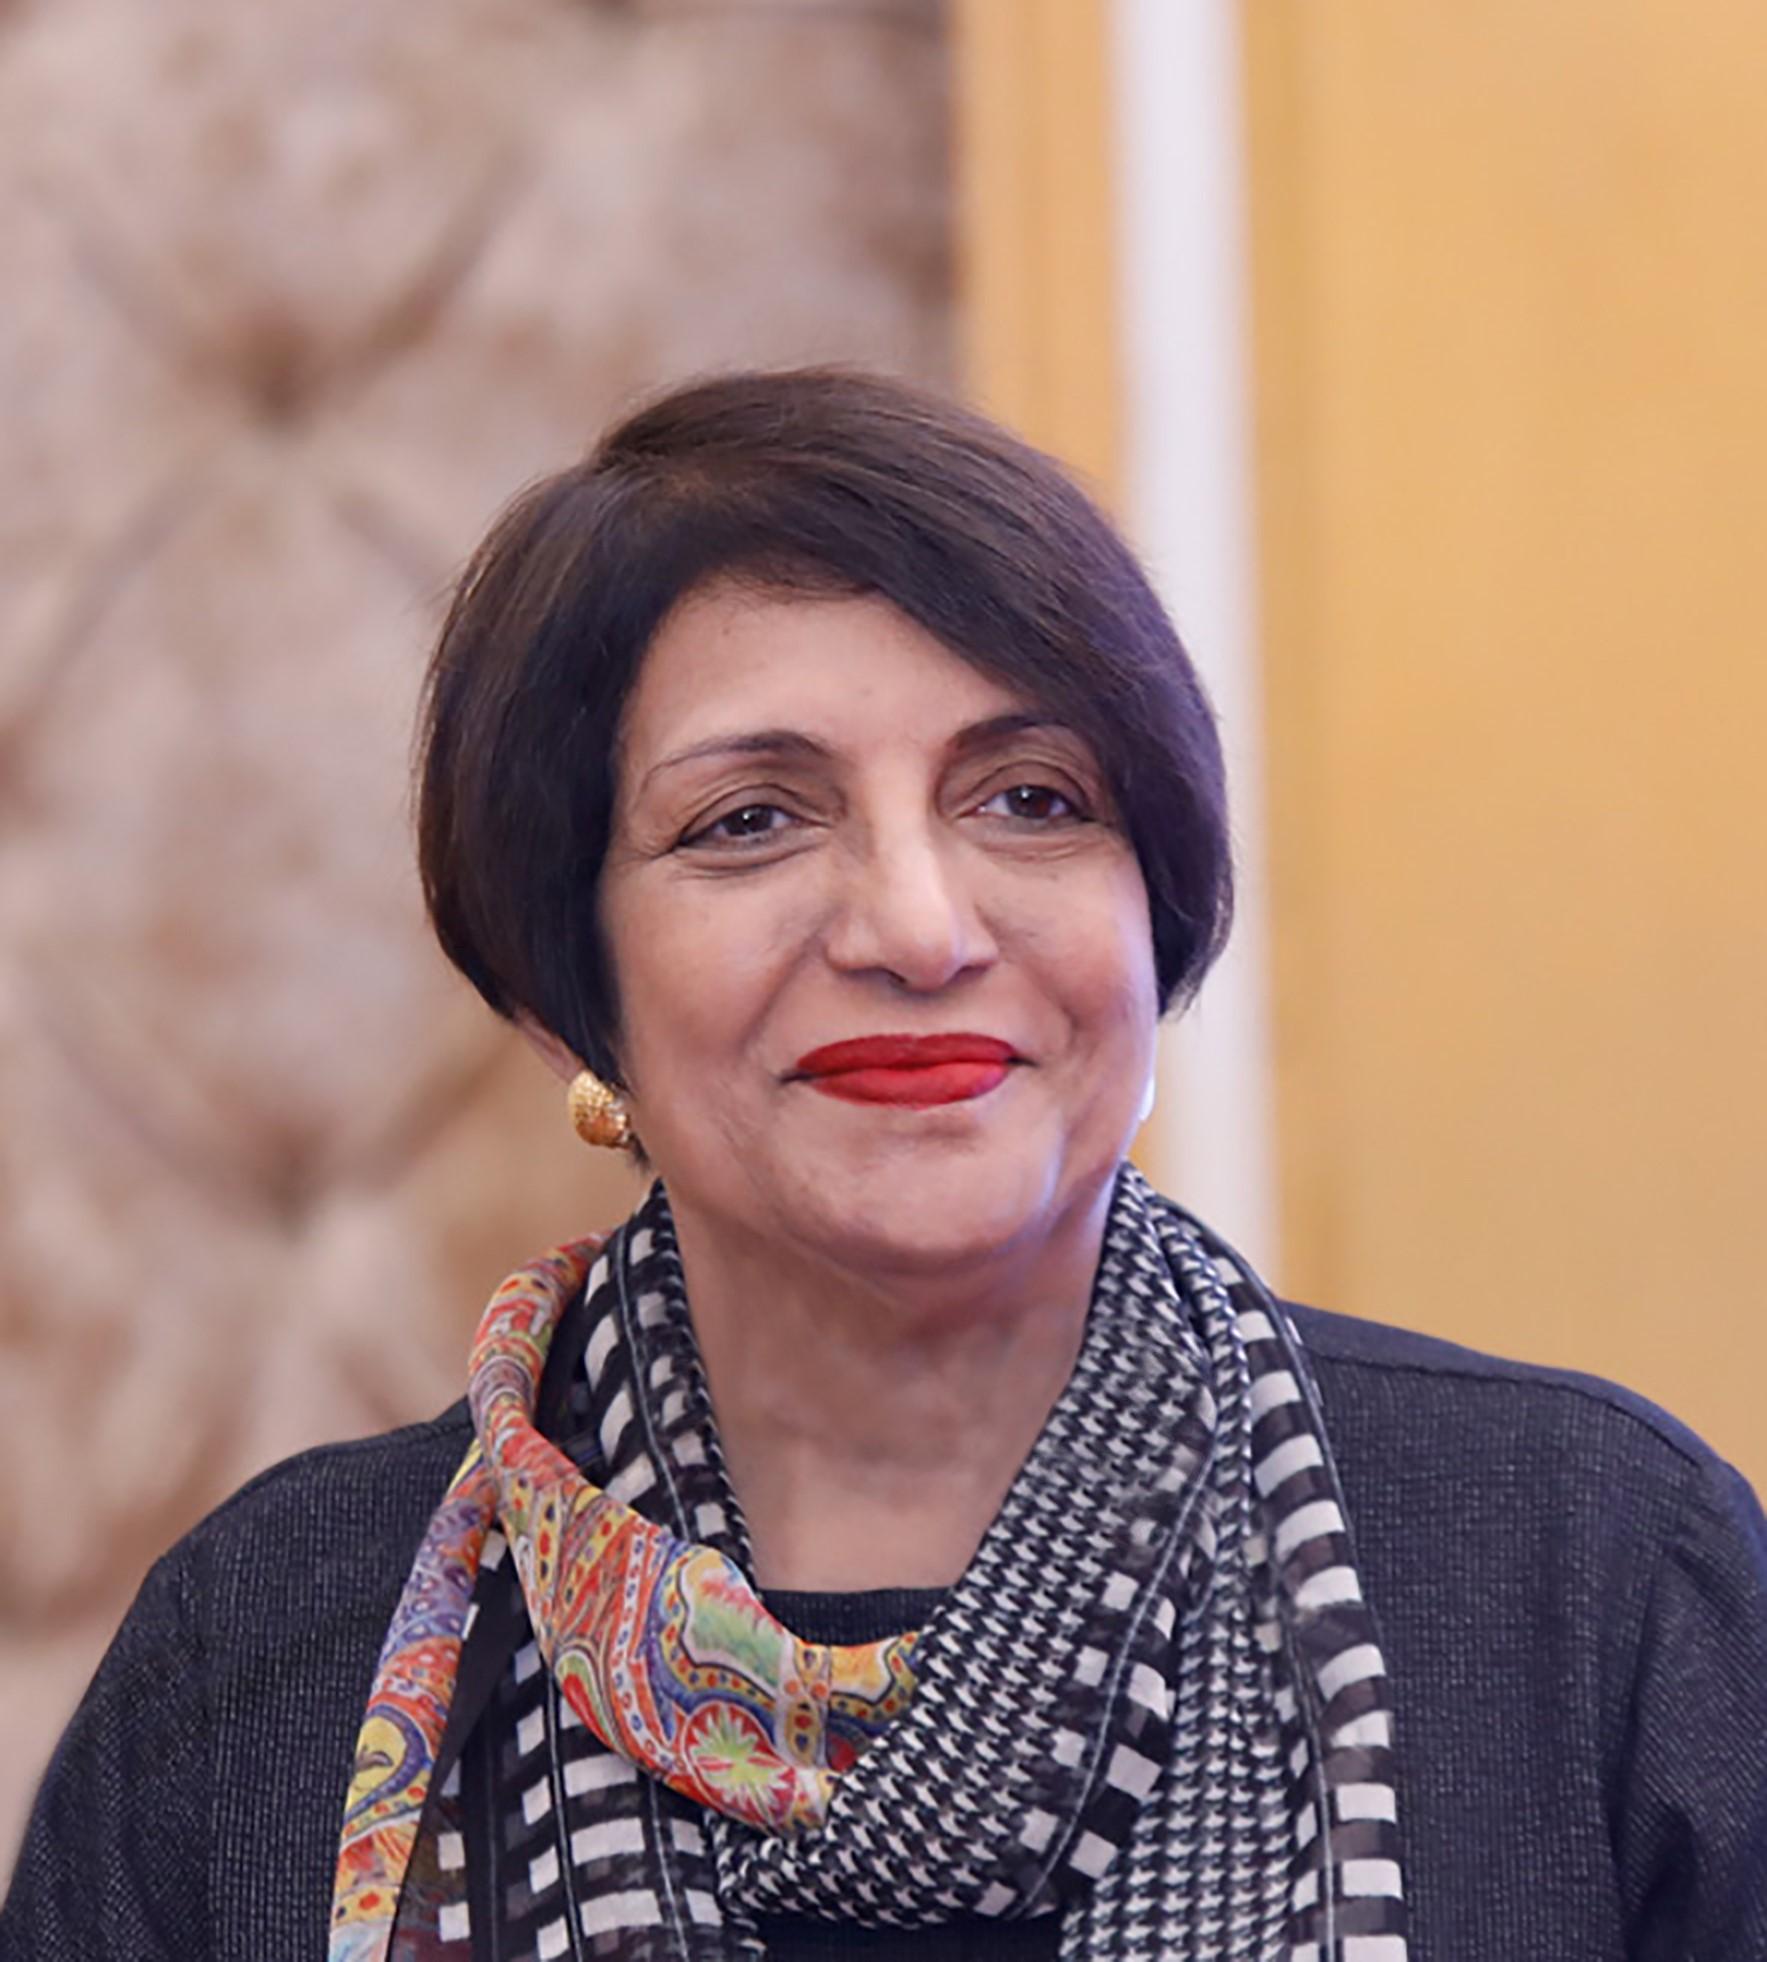 Sima Kamil